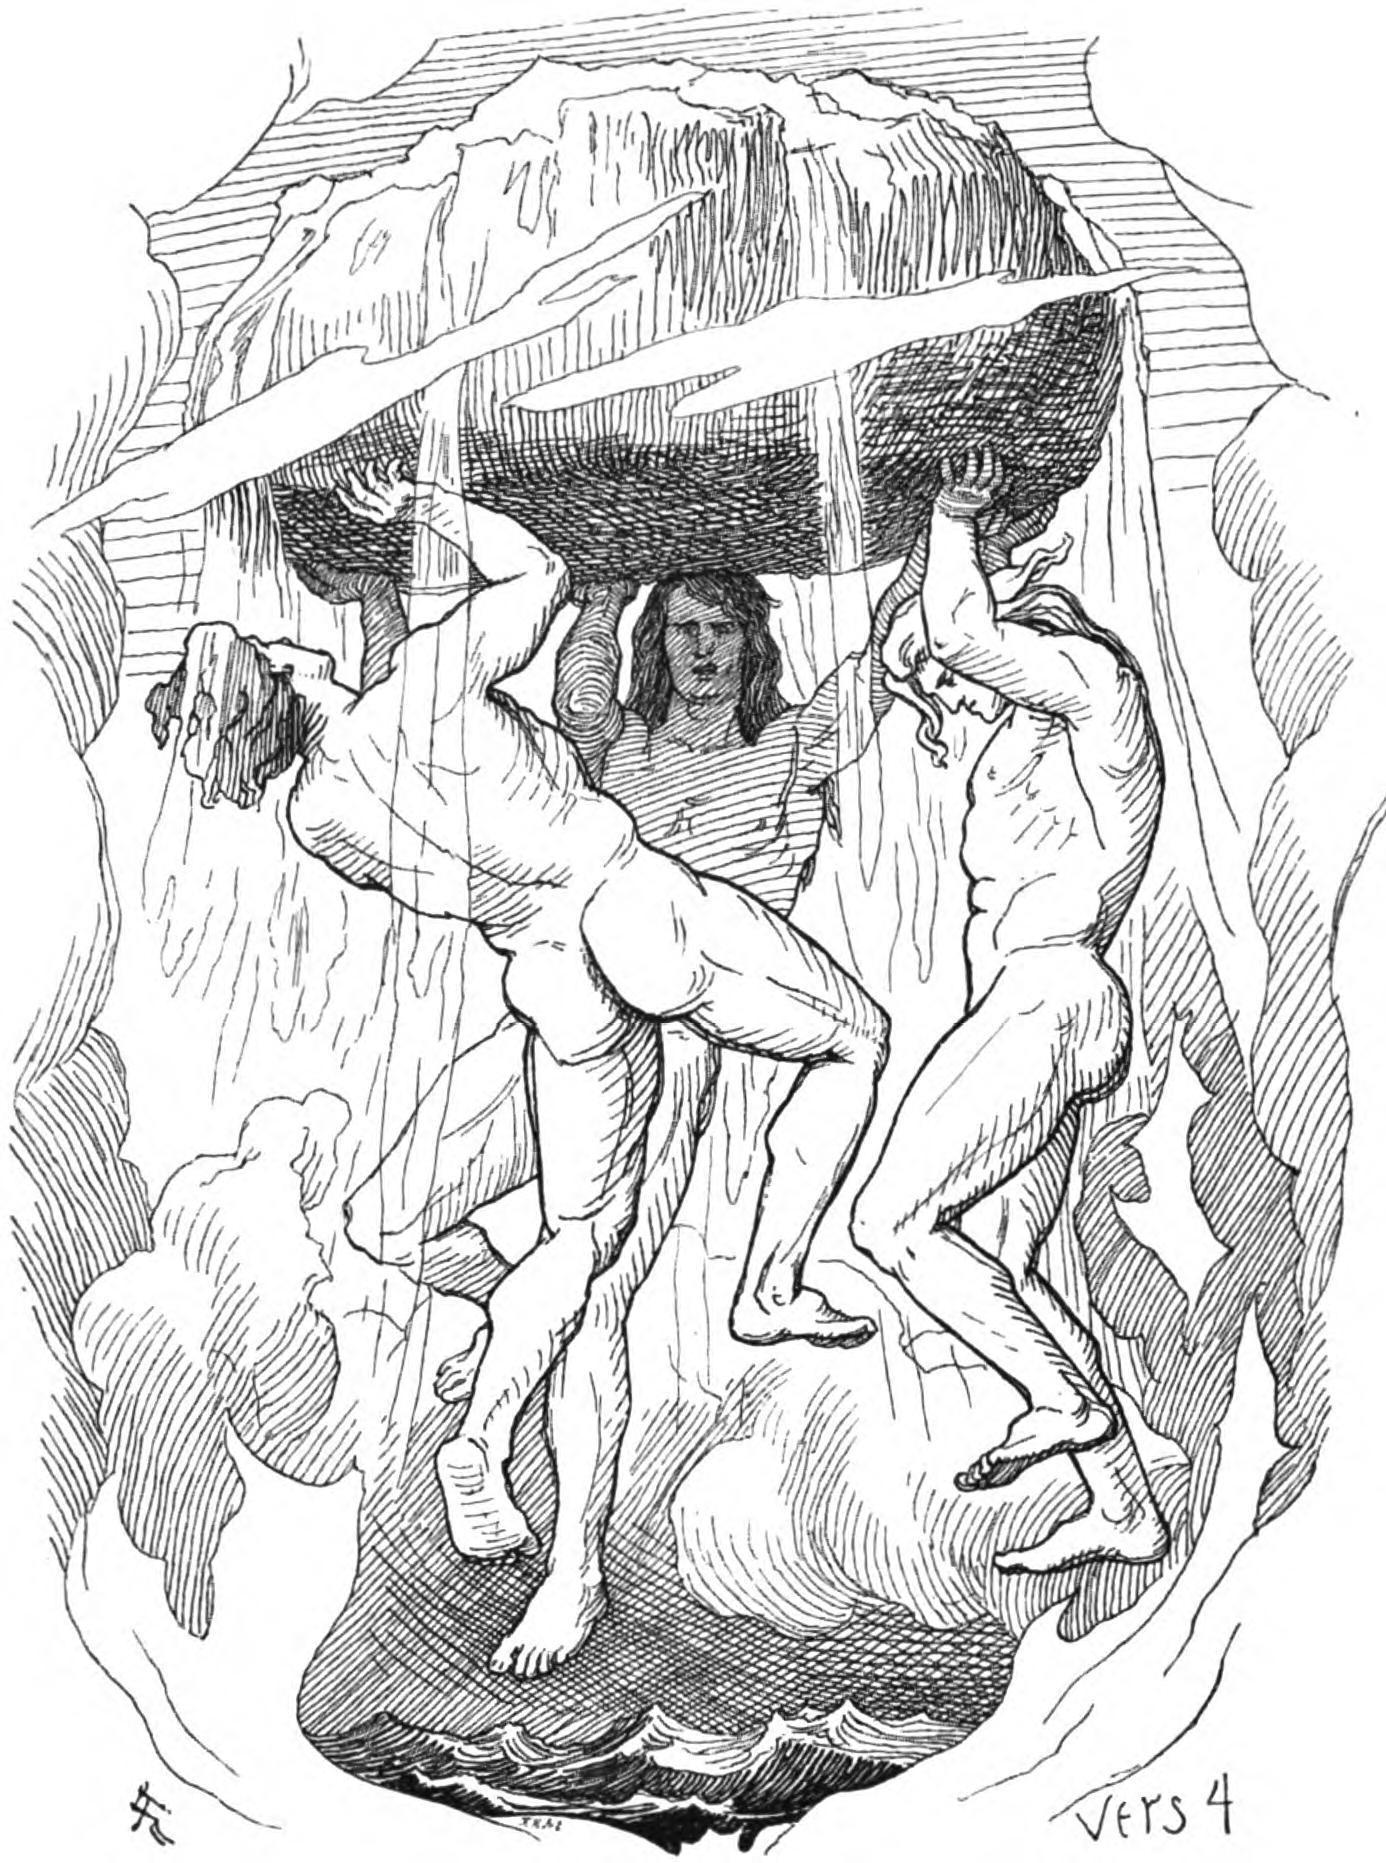 Những con trai của Borr nâng Miðgarðr lên (1895) – tranh minh họa của Lorenz Frølich